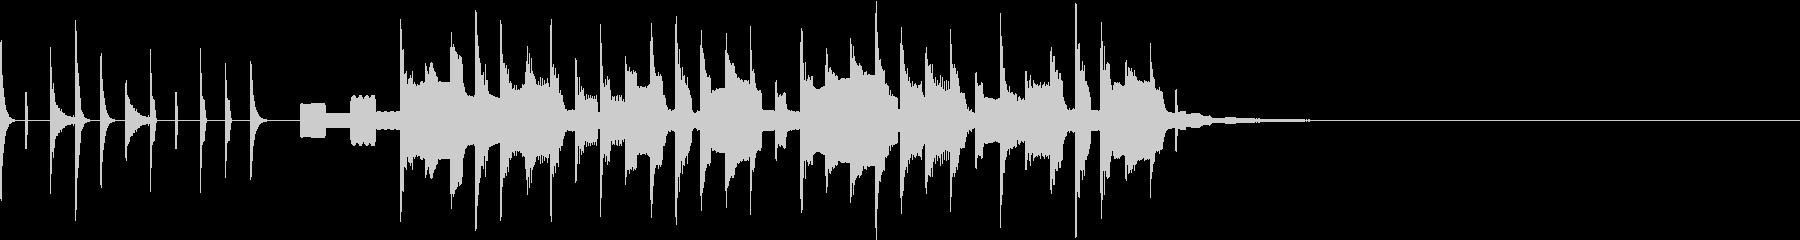 かわいい シンセテクノポップ ジングル2の未再生の波形